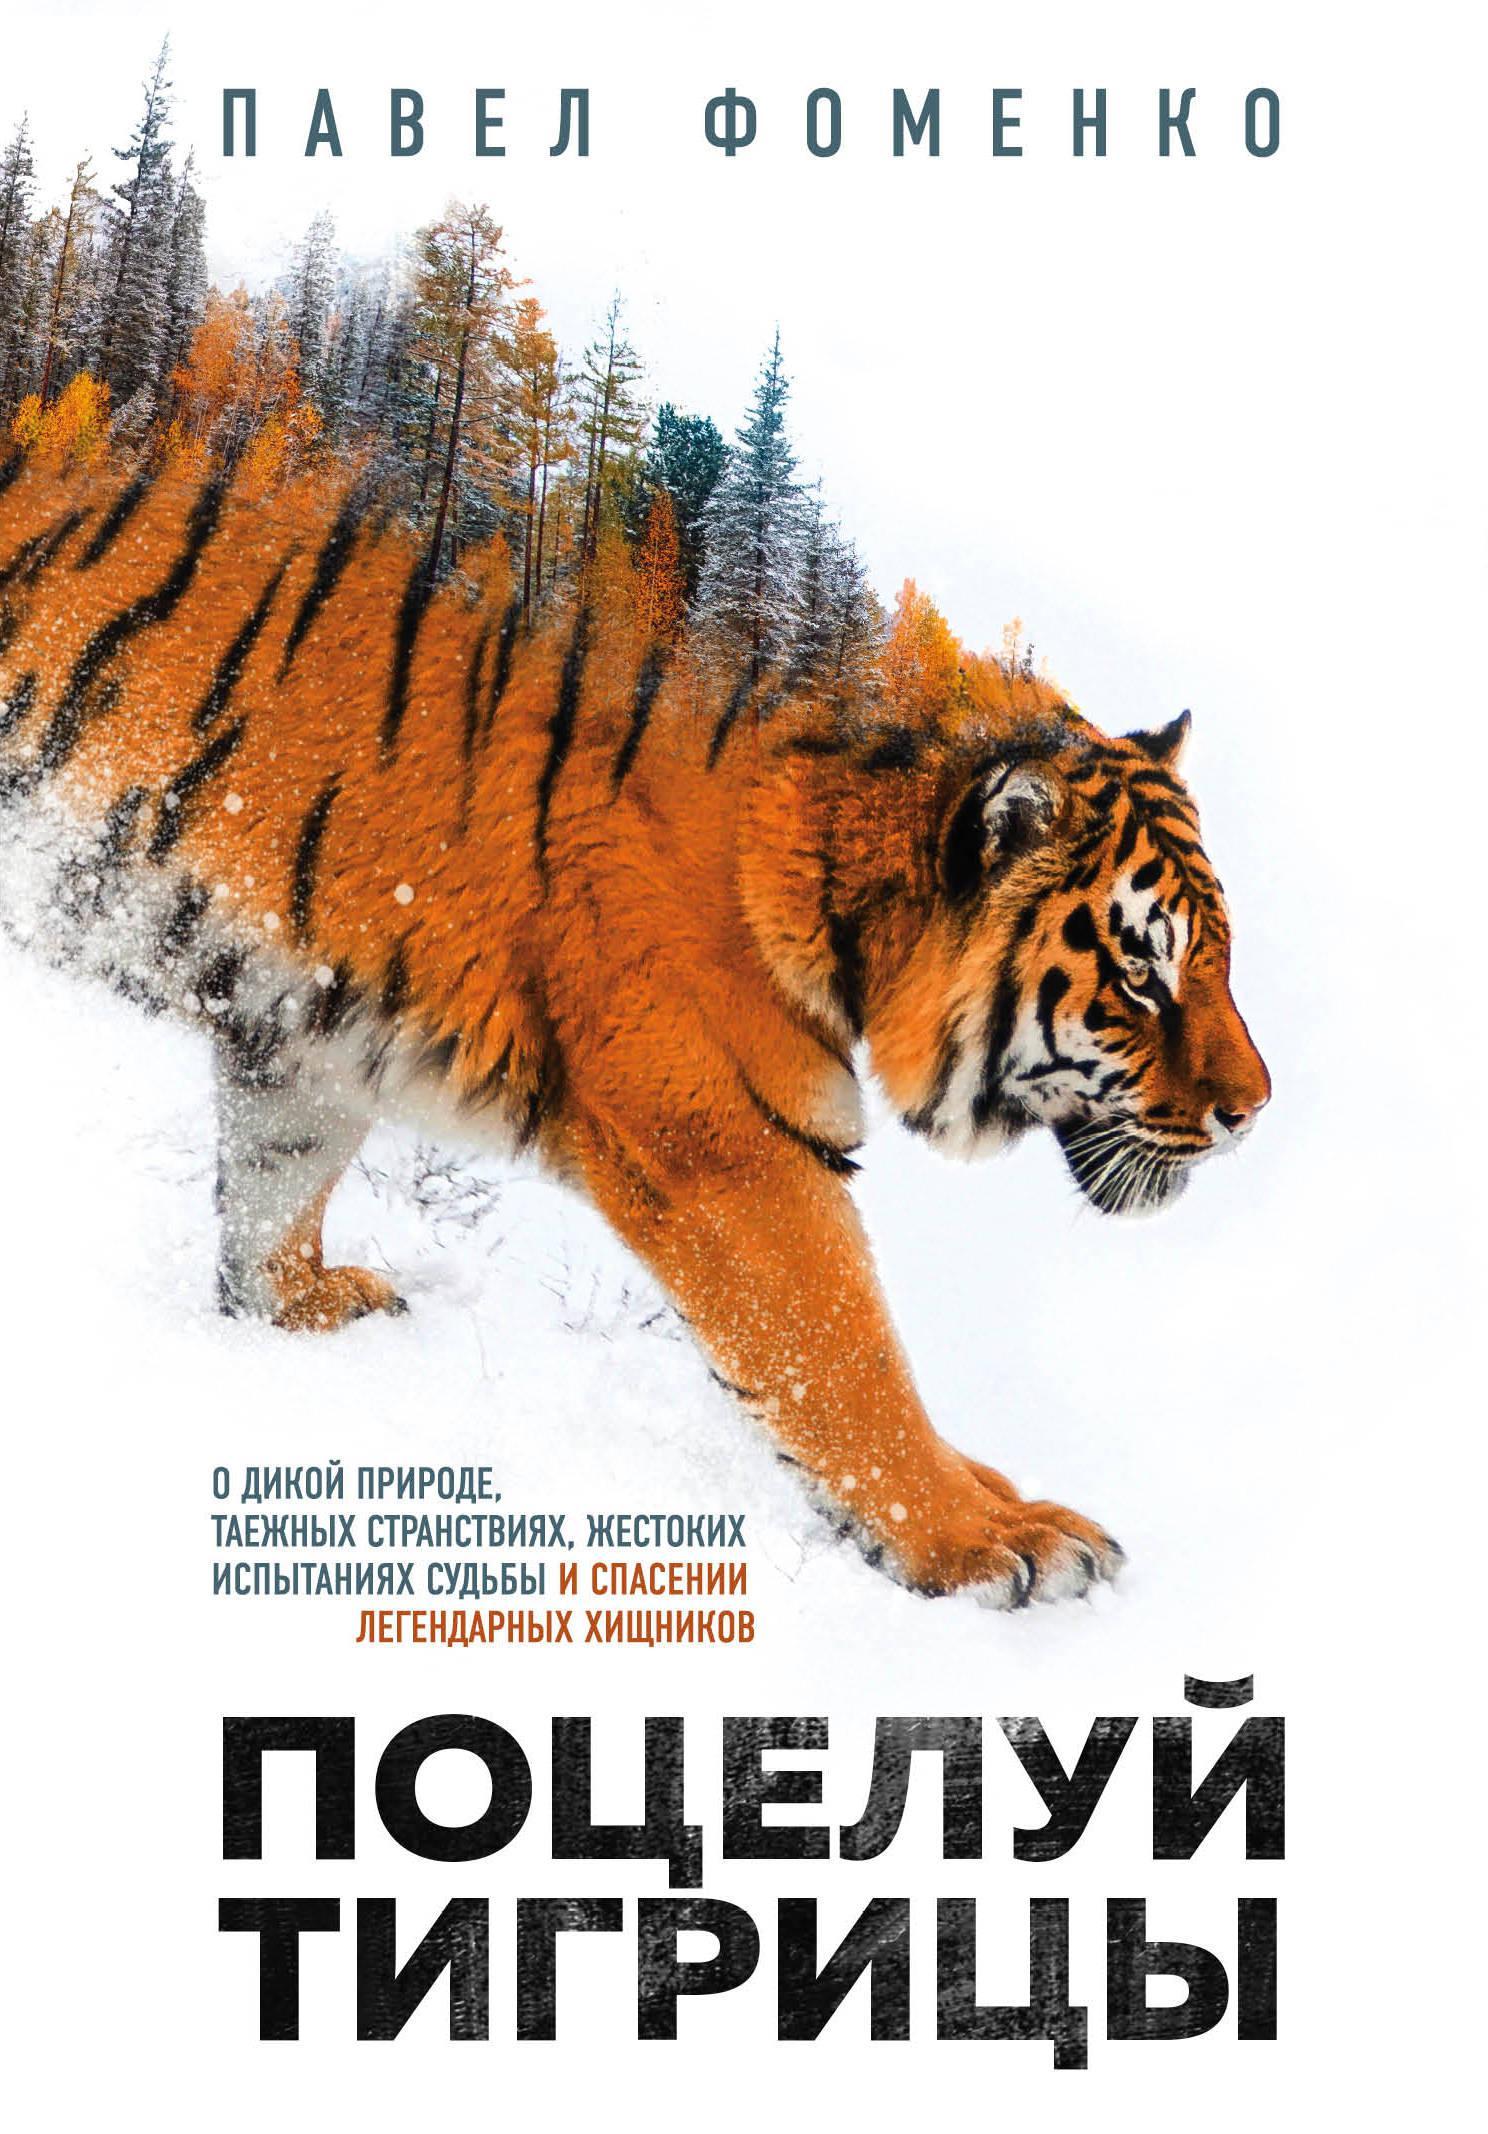 Поцелуй тигрицы. О дикой природе, таежных странствиях, жестоких испытаниях судьбы и спасении легендарных хищников